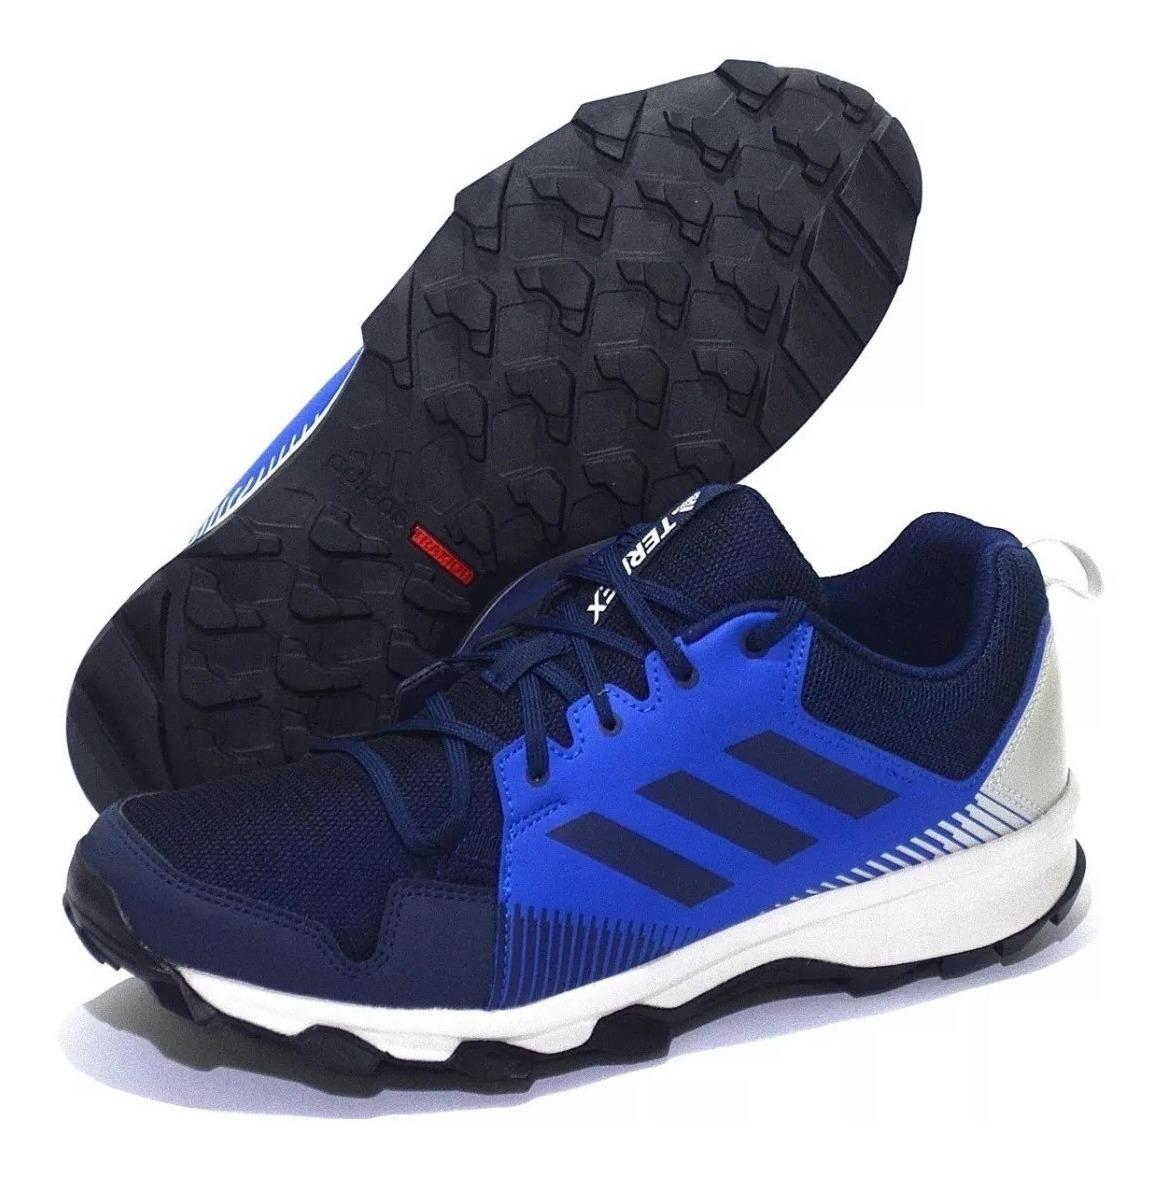 Zapatillas adidas Trail Running Terrex Tracerocker (7635)